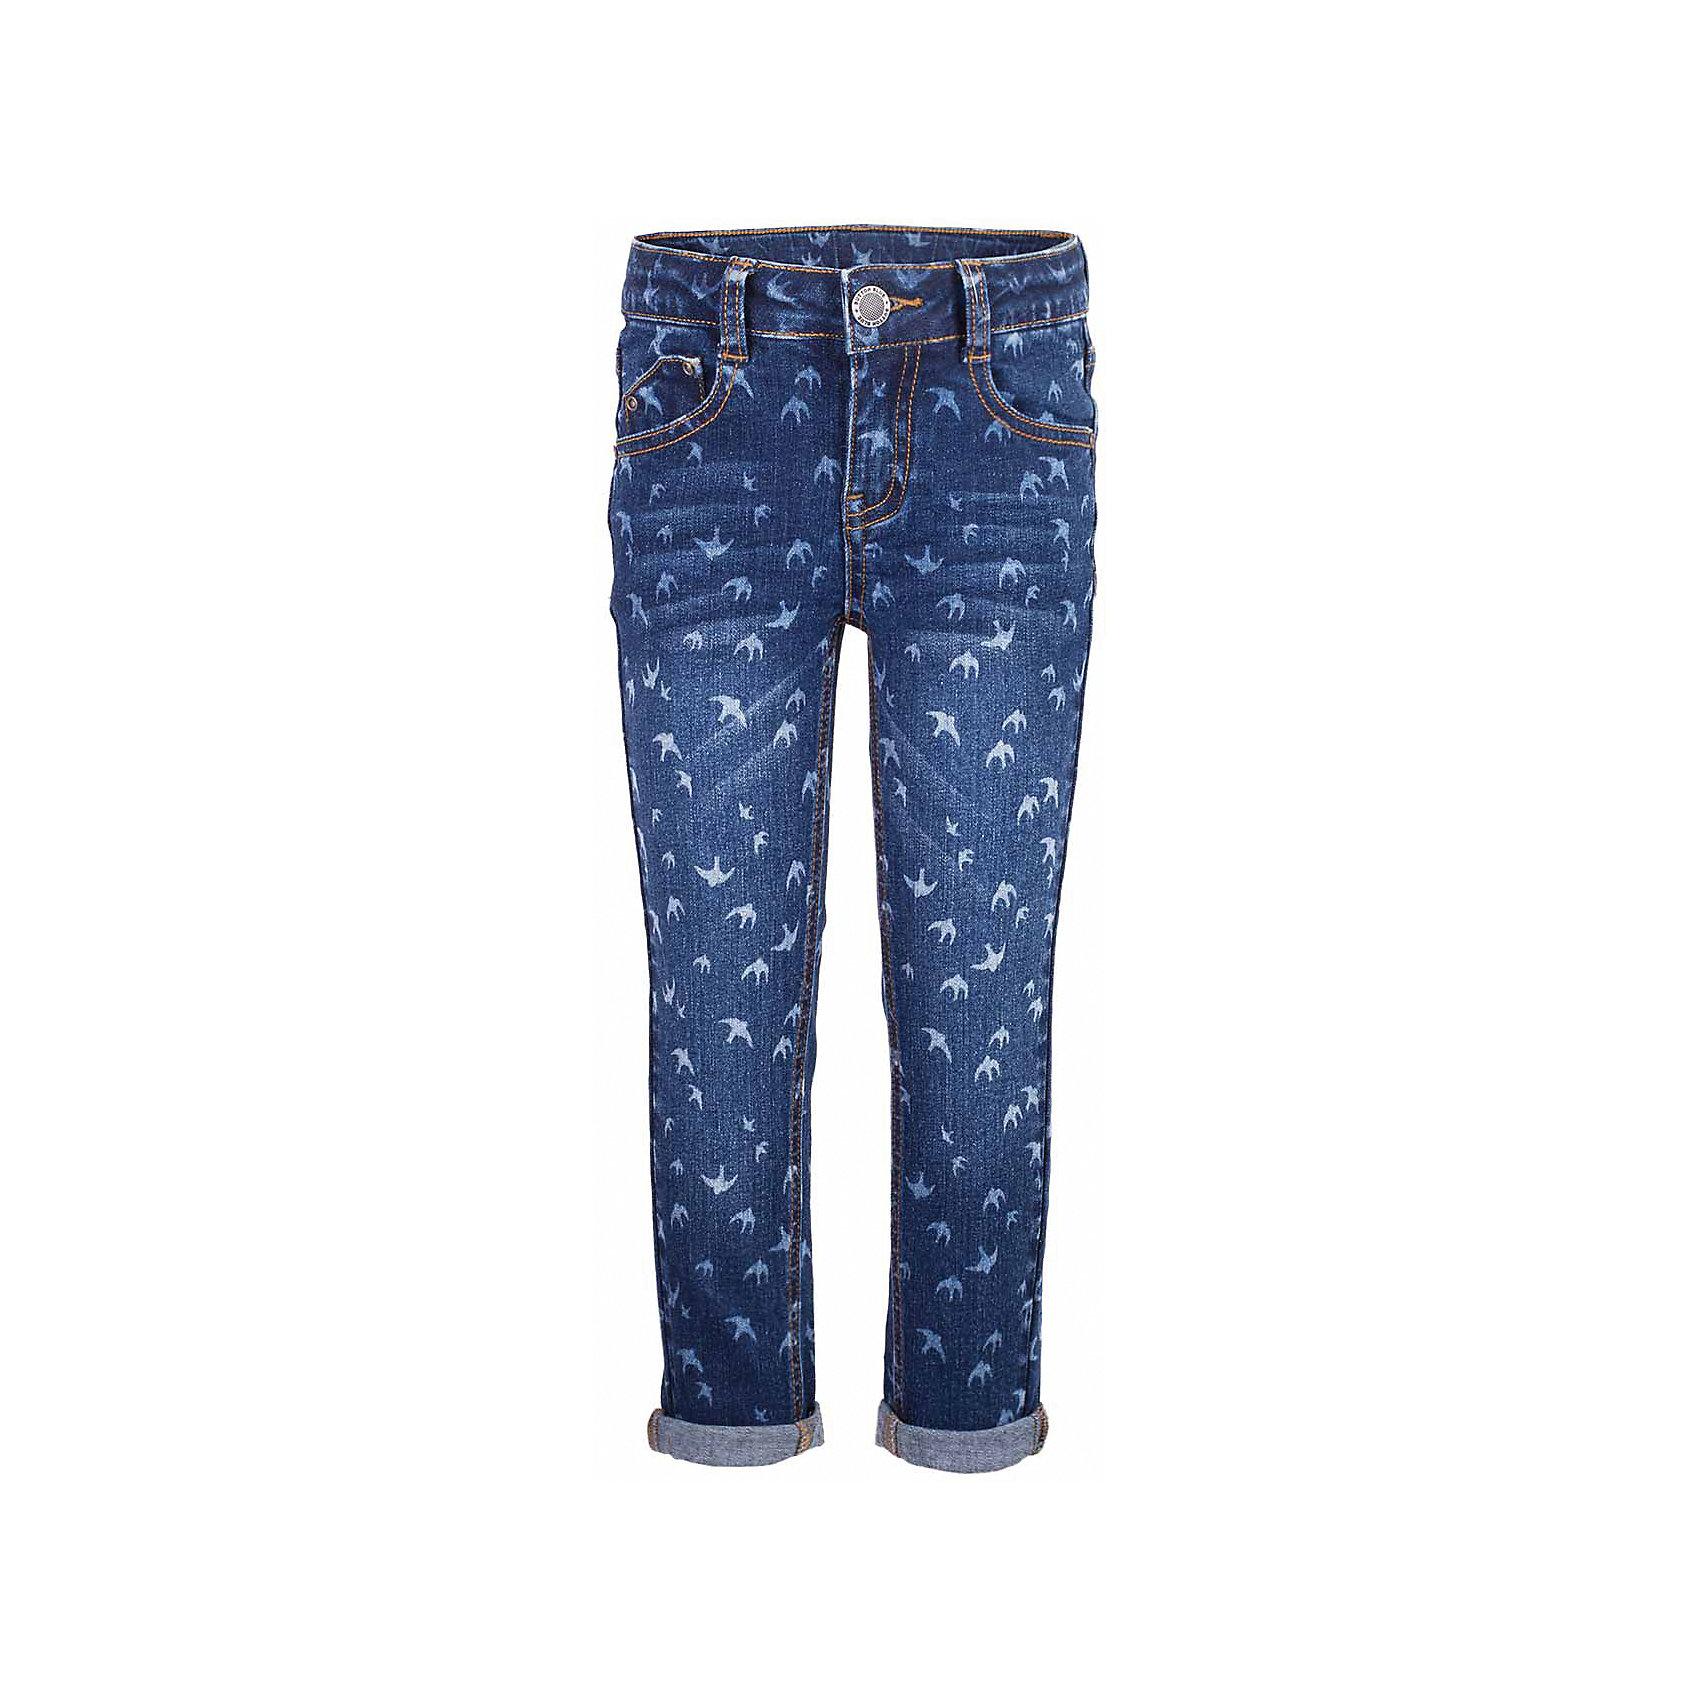 Джинсы для девочки  BUTTON BLUEДжинсовая одежда<br>Джинсы для девочки  BUTTON BLUE<br>Классные синие джинсы с рисунком — гарантия модного современного образа! Хороший крой,  удобная посадка на фигуре подарят девочке комфорт и свободу движений. Если вы хотите купить ребенку недорогие джинсы облегающего силуэта, модель от Button Blue - прекрасный выбор!<br>Состав:<br>99% хлопок 1%эластан<br><br>Ширина мм: 215<br>Глубина мм: 88<br>Высота мм: 191<br>Вес г: 336<br>Цвет: синий<br>Возраст от месяцев: 144<br>Возраст до месяцев: 156<br>Пол: Женский<br>Возраст: Детский<br>Размер: 158,98,104,110,116,122,128,134,140,146,152<br>SKU: 5523700